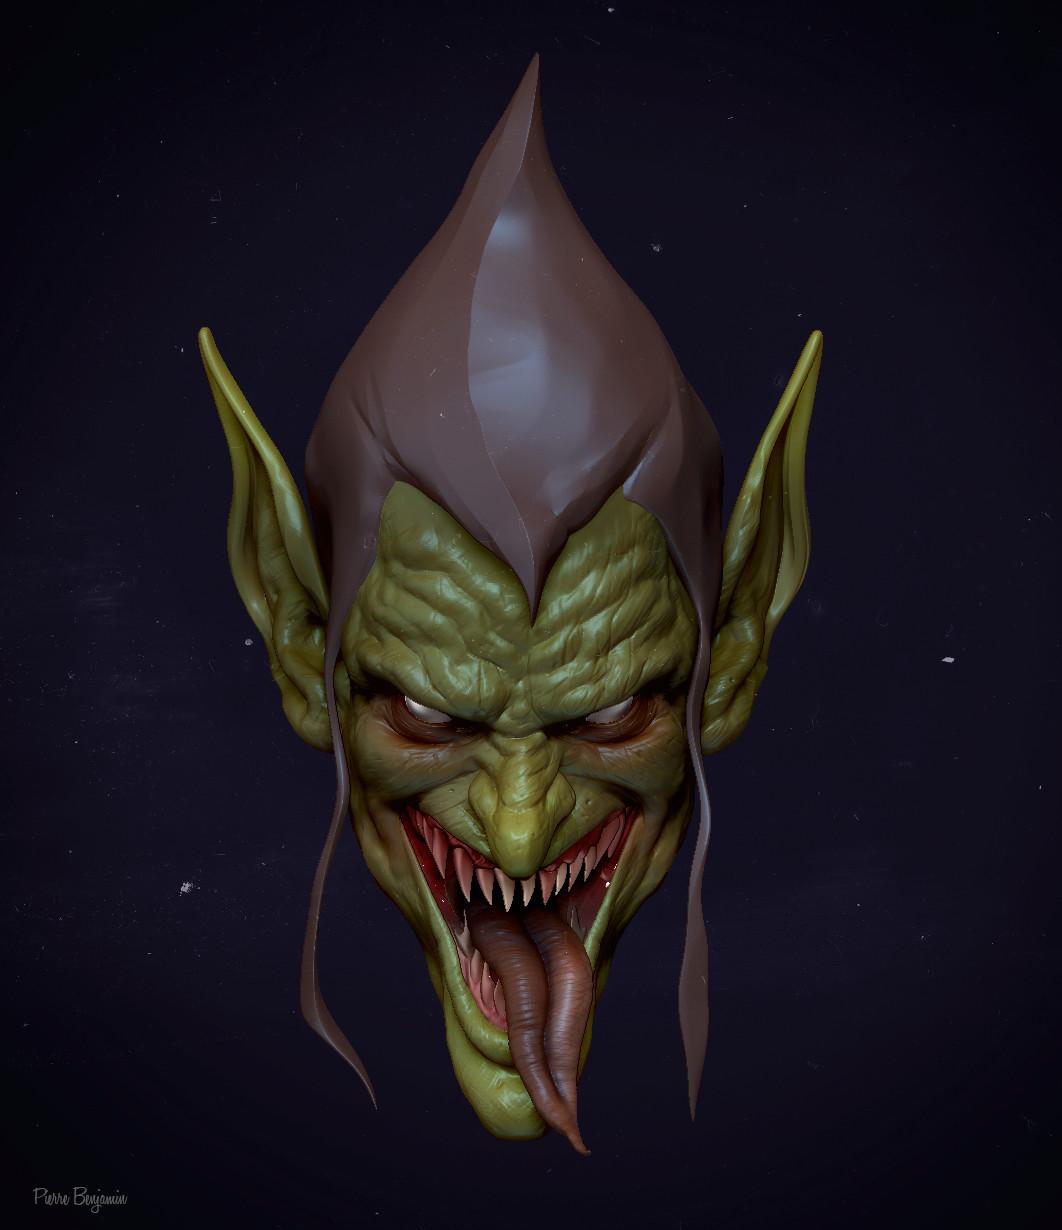 Pierre benjamin new green goblin